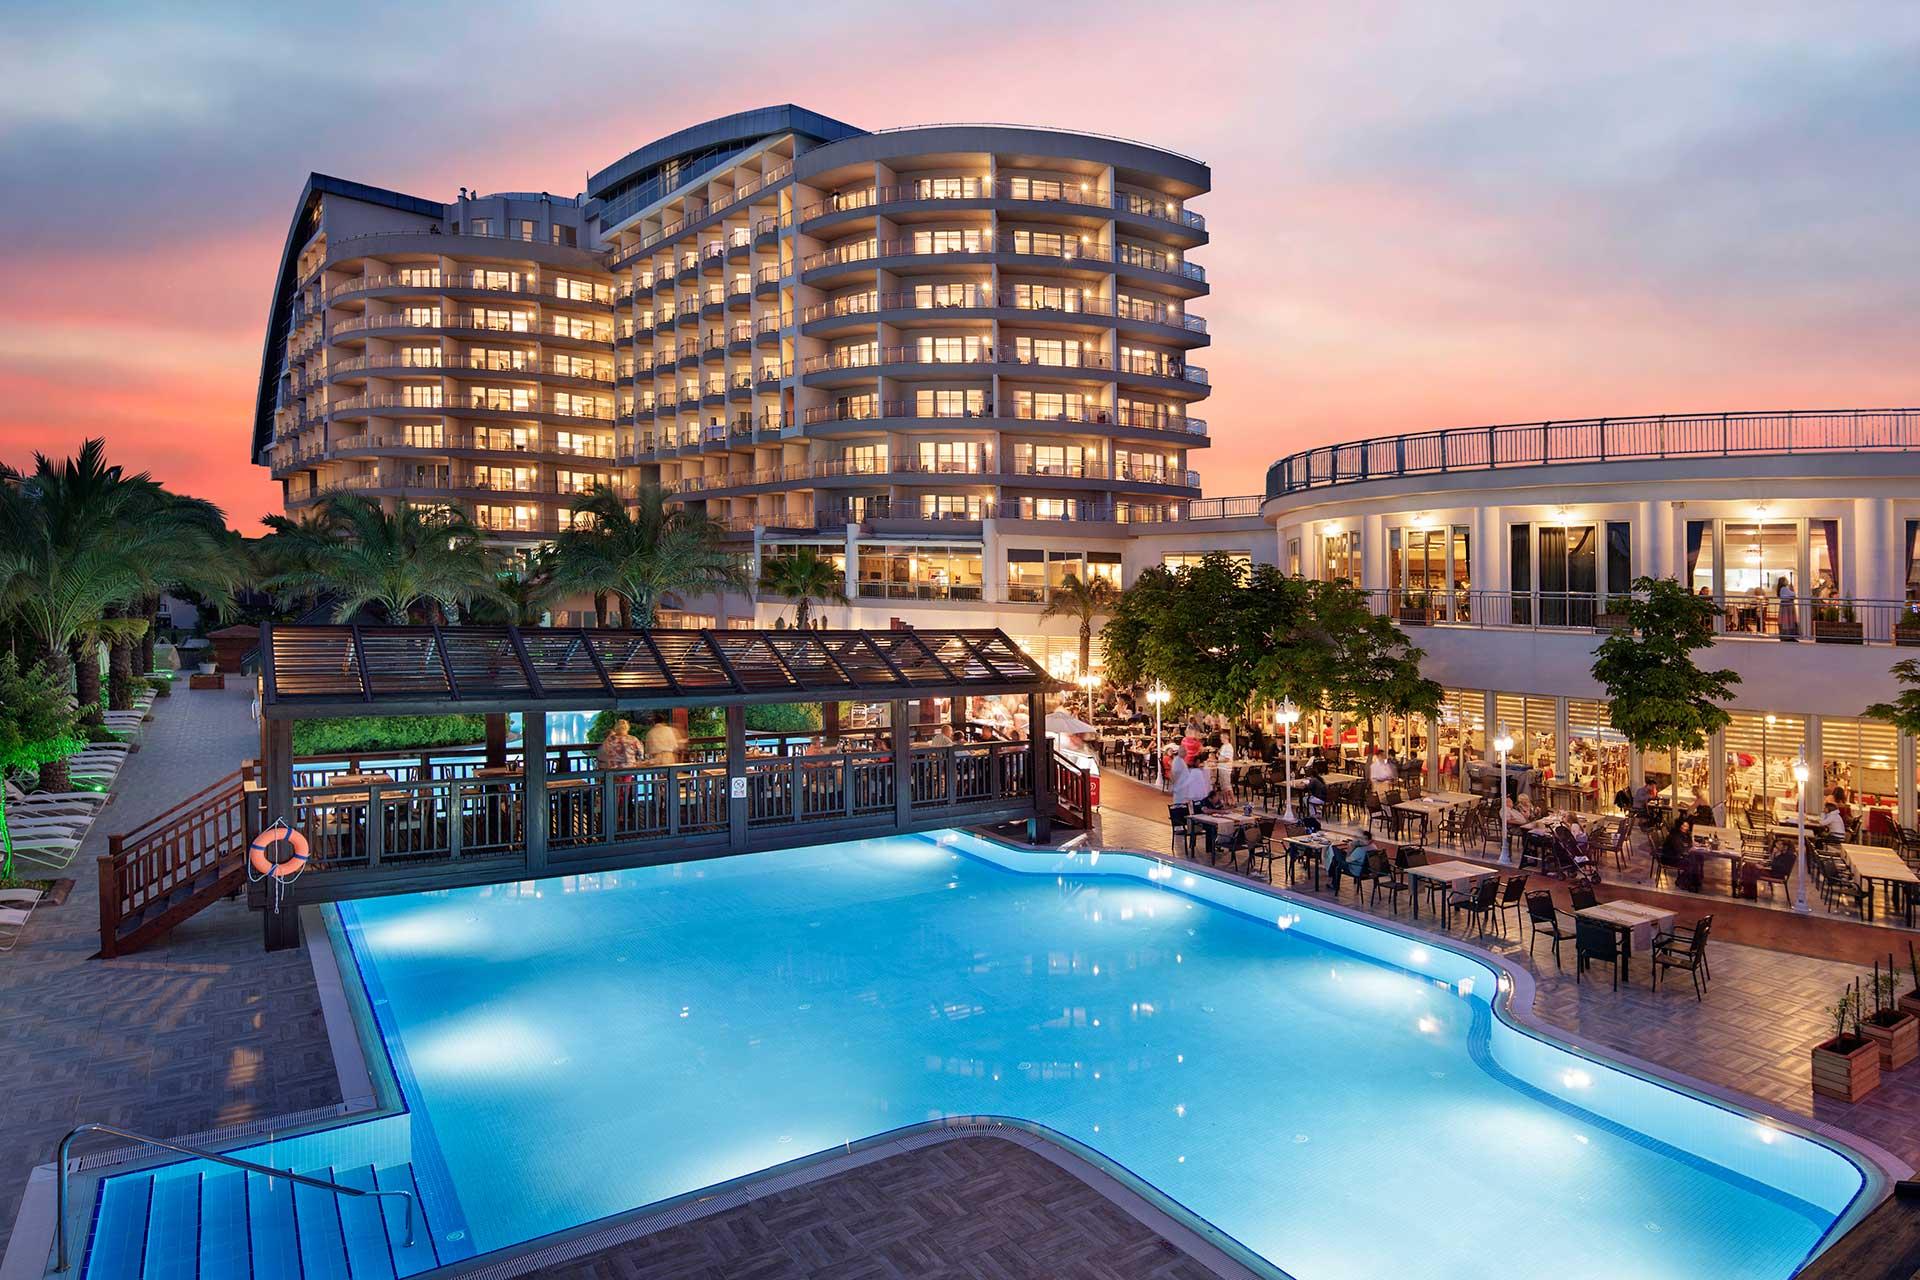 فنادق 4 نجوم بالطائف